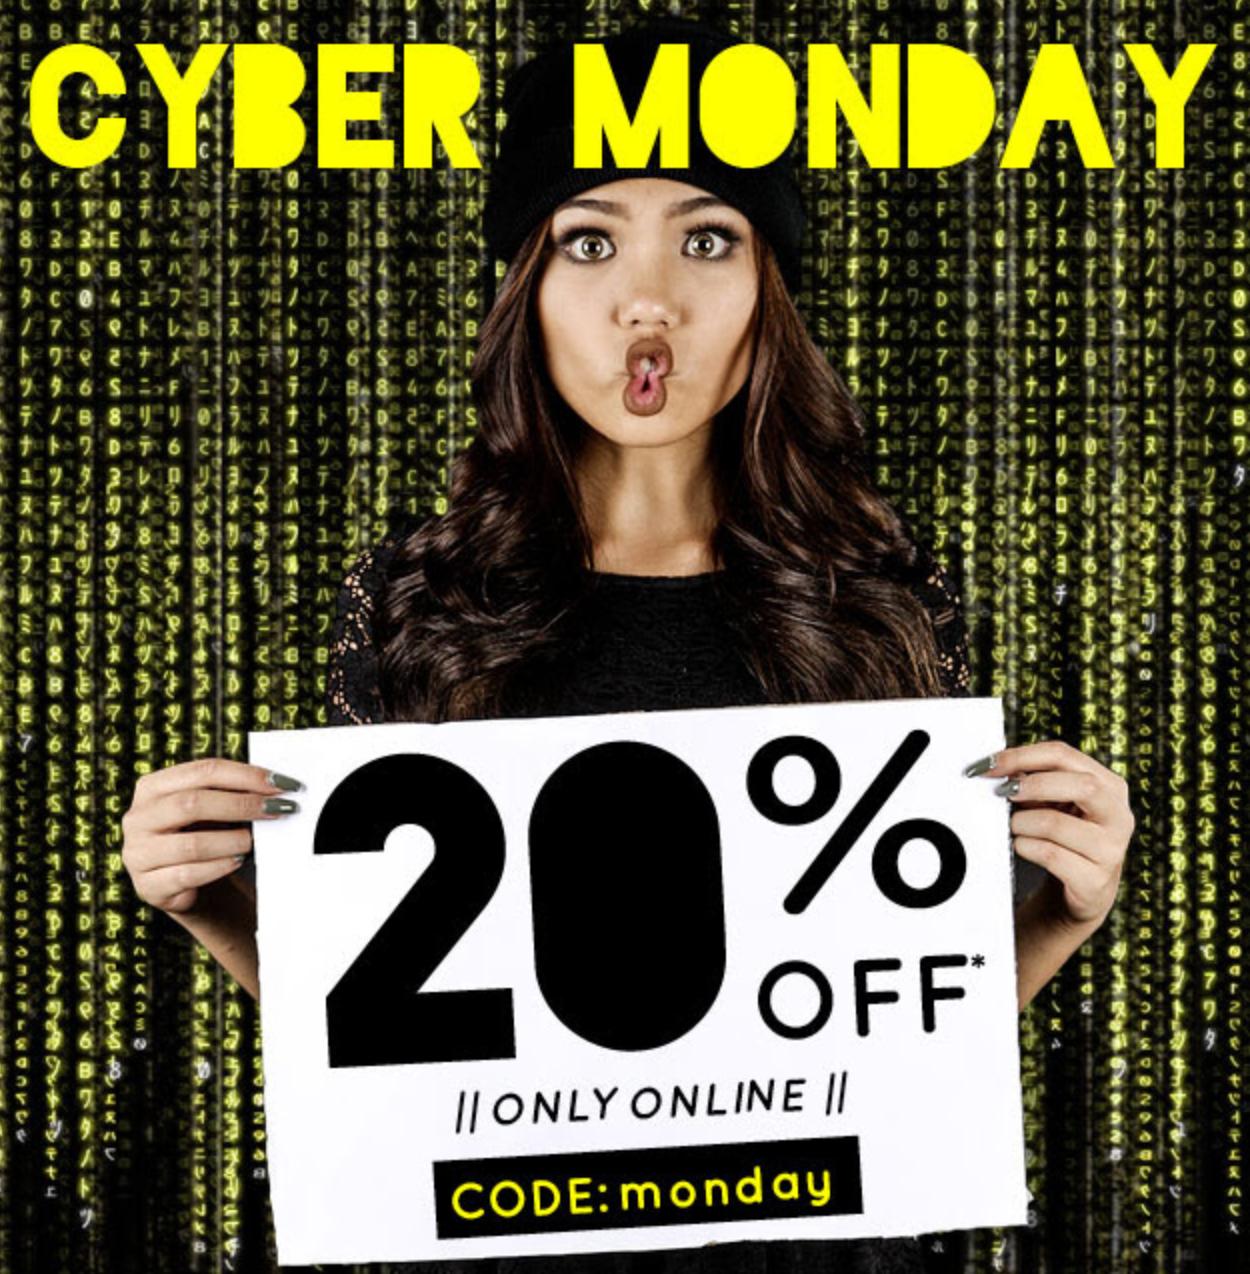 87431c18cad173 Il Cyber Monday è nato come il Black Friday dei negozi online e ha luogo  quattro giorni dopo il Black Friday stesso. Spesso i commercianti online  promuovono ...